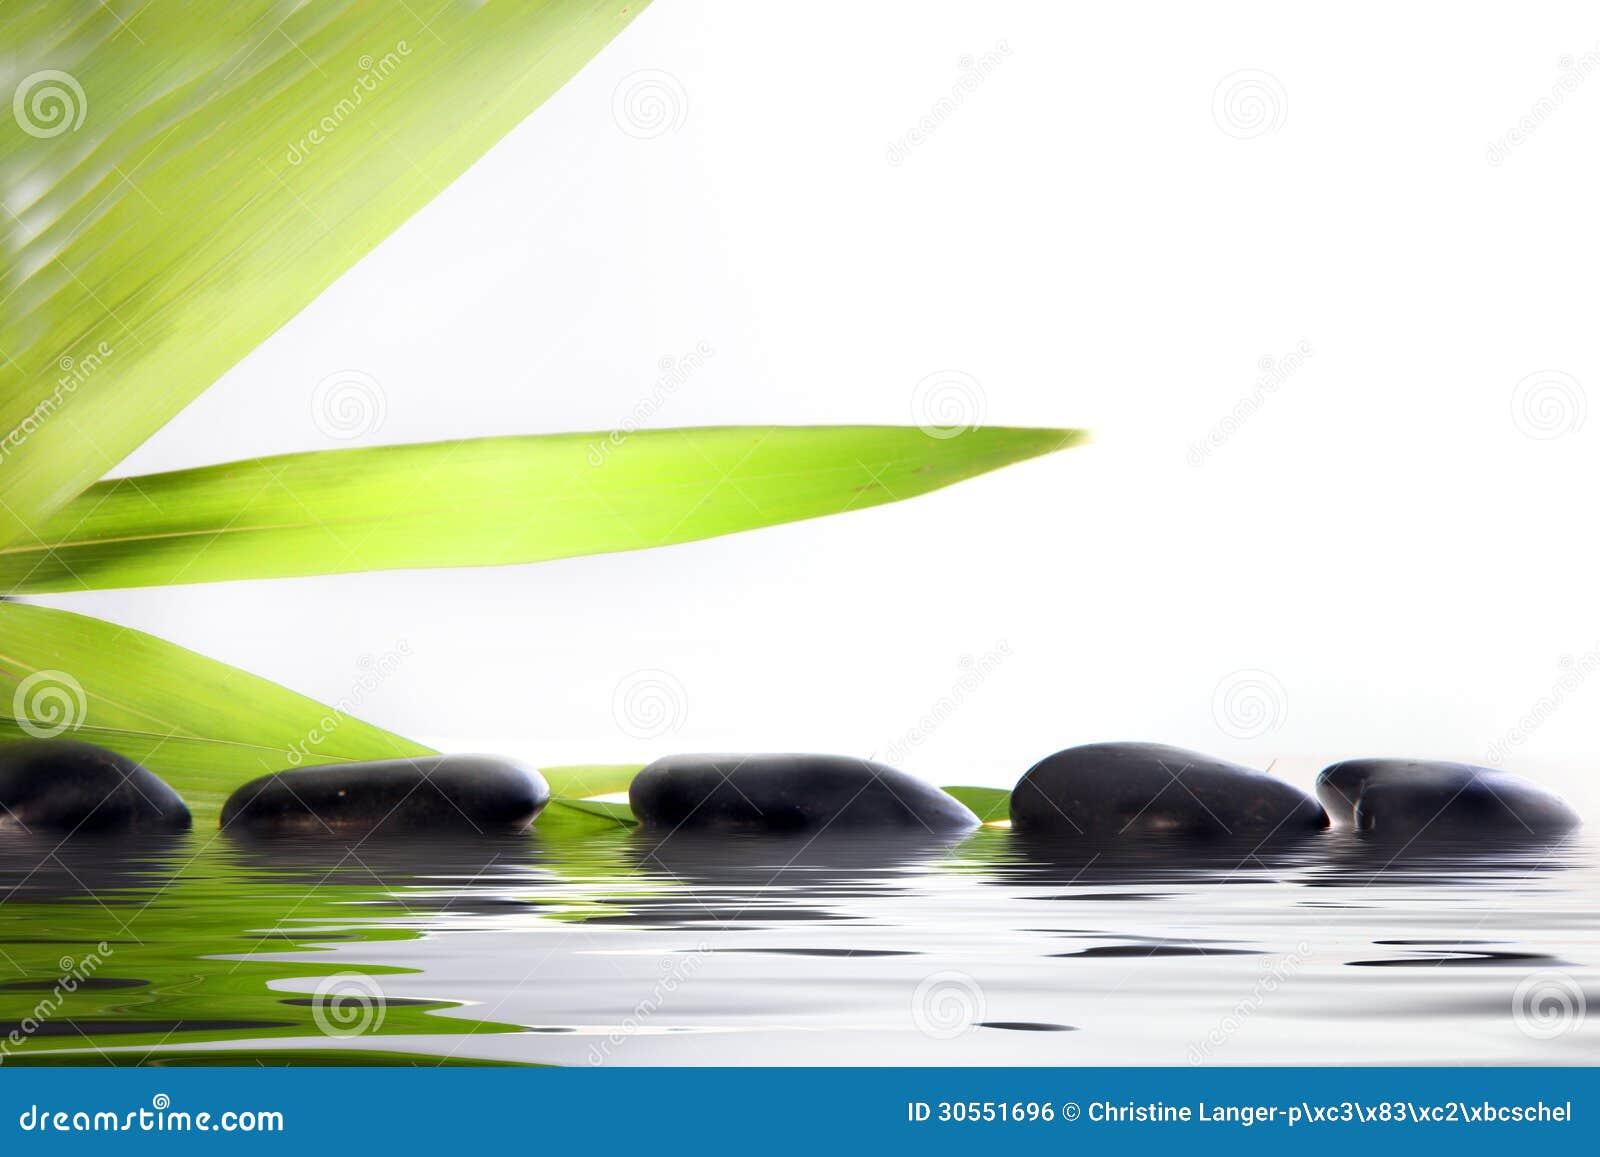 Piedras del masaje del balneario en agua